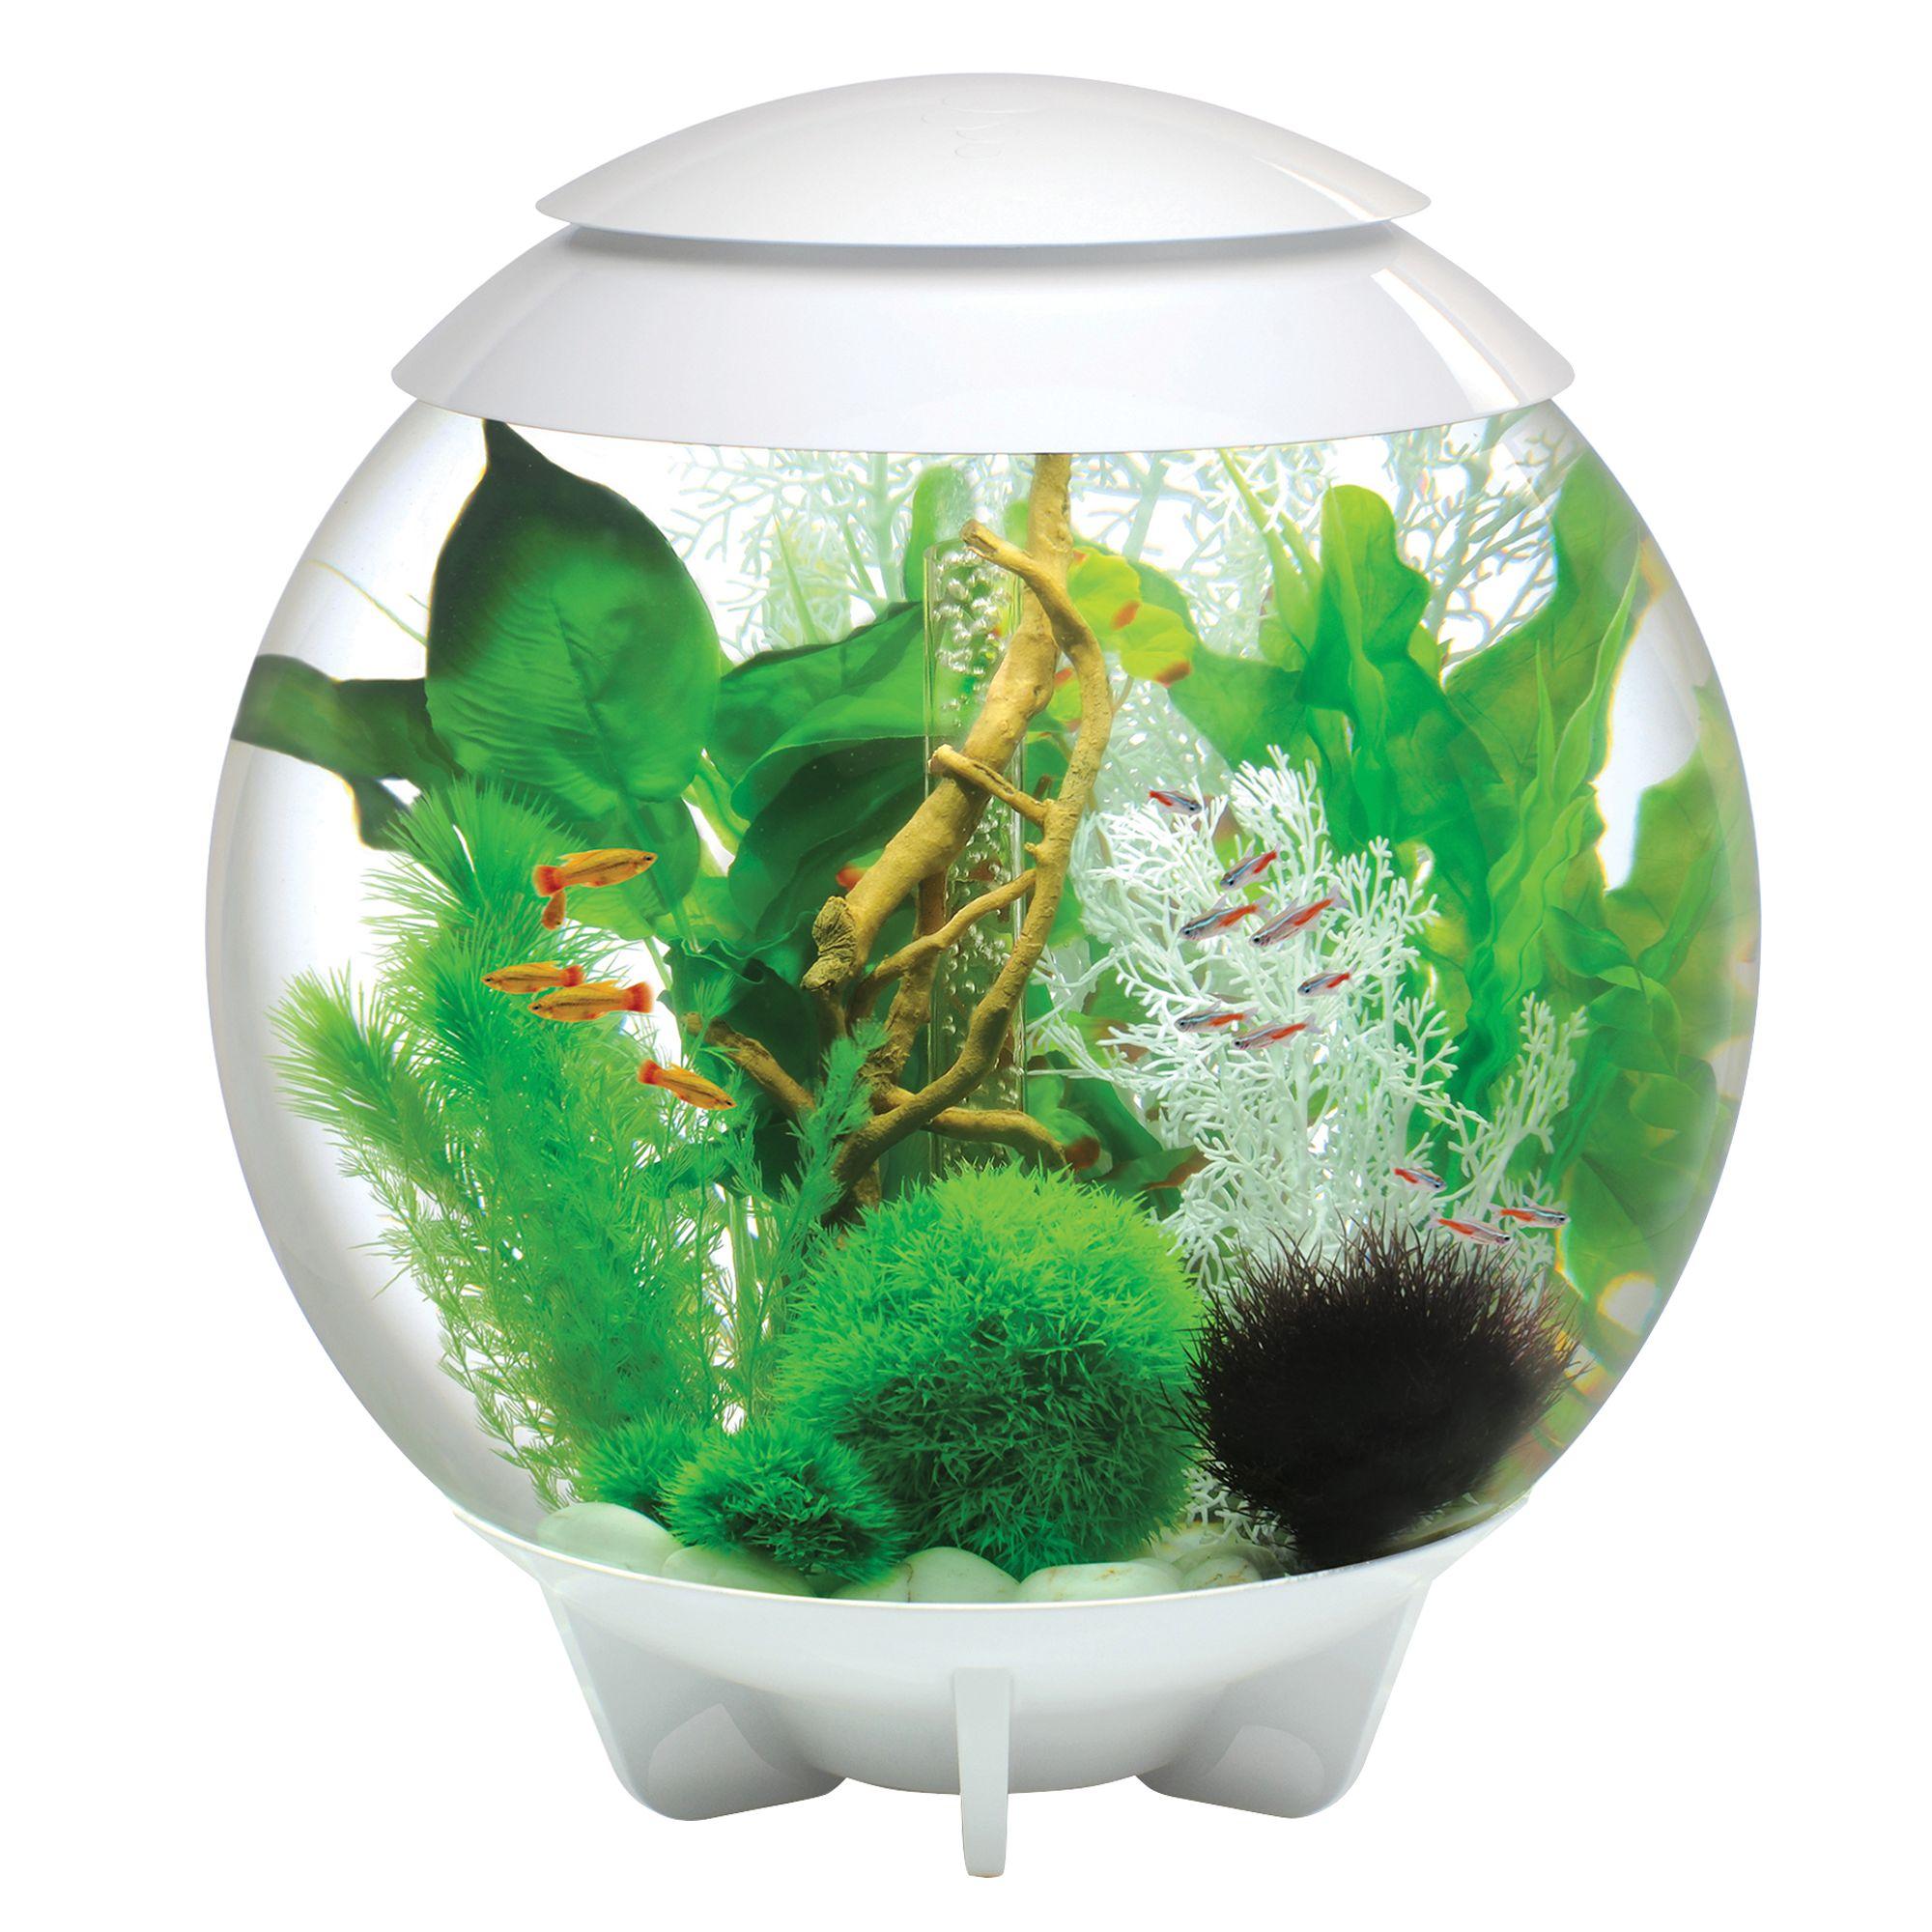 Biorb Halo 16 Gallon Led Aquarium White